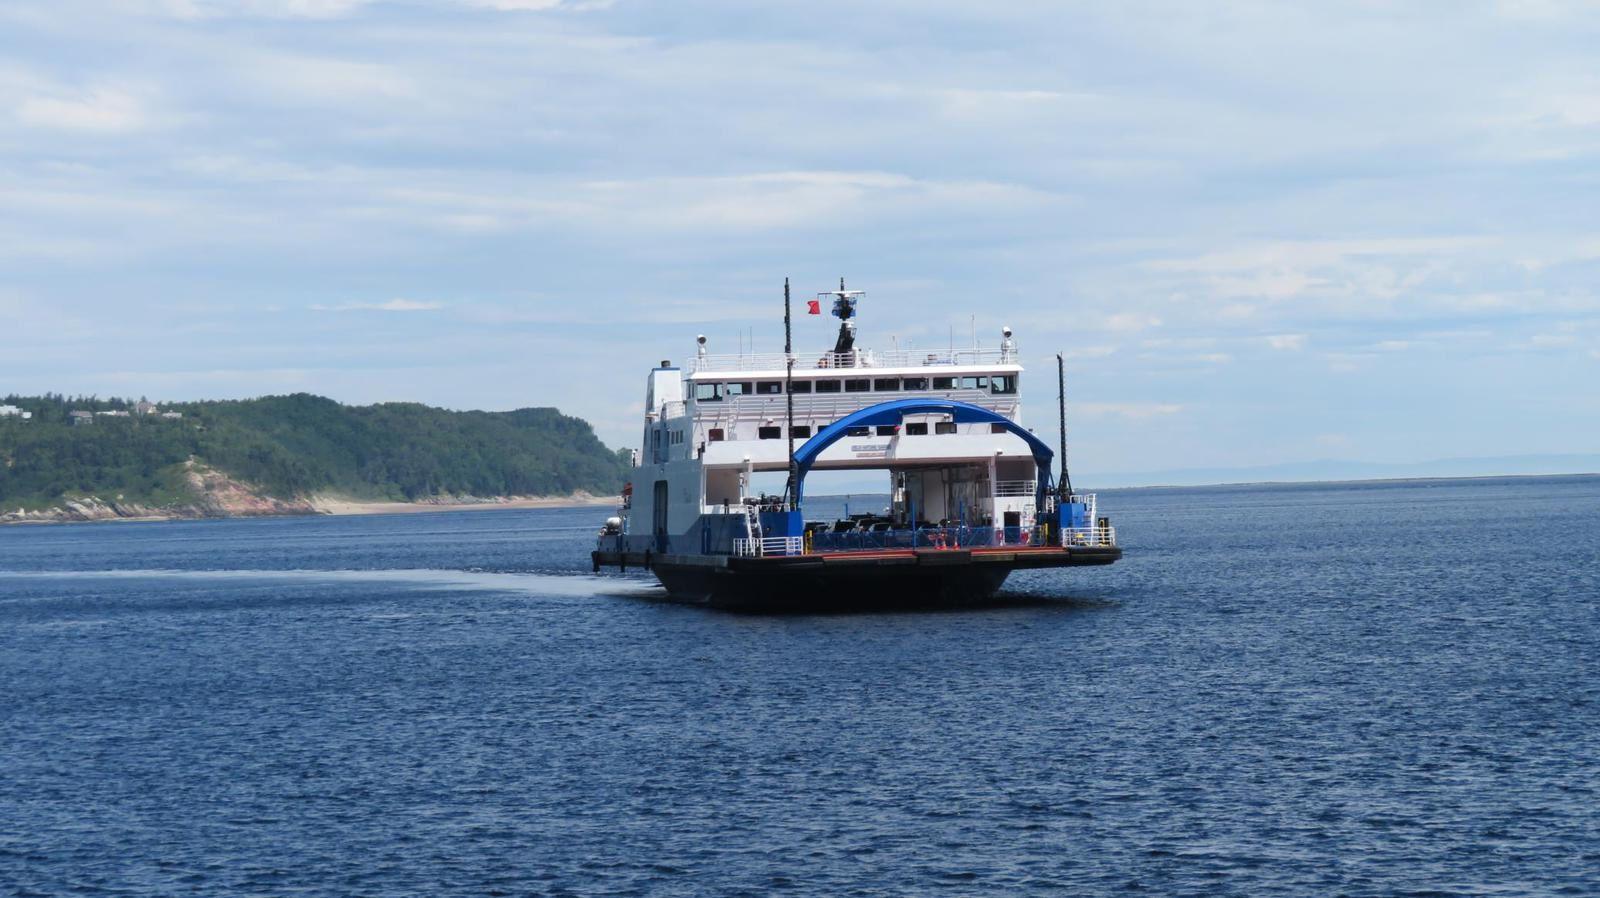 Voyage : Quatre jours de balade entre Québec, Baie-Comeau et Saguenay.